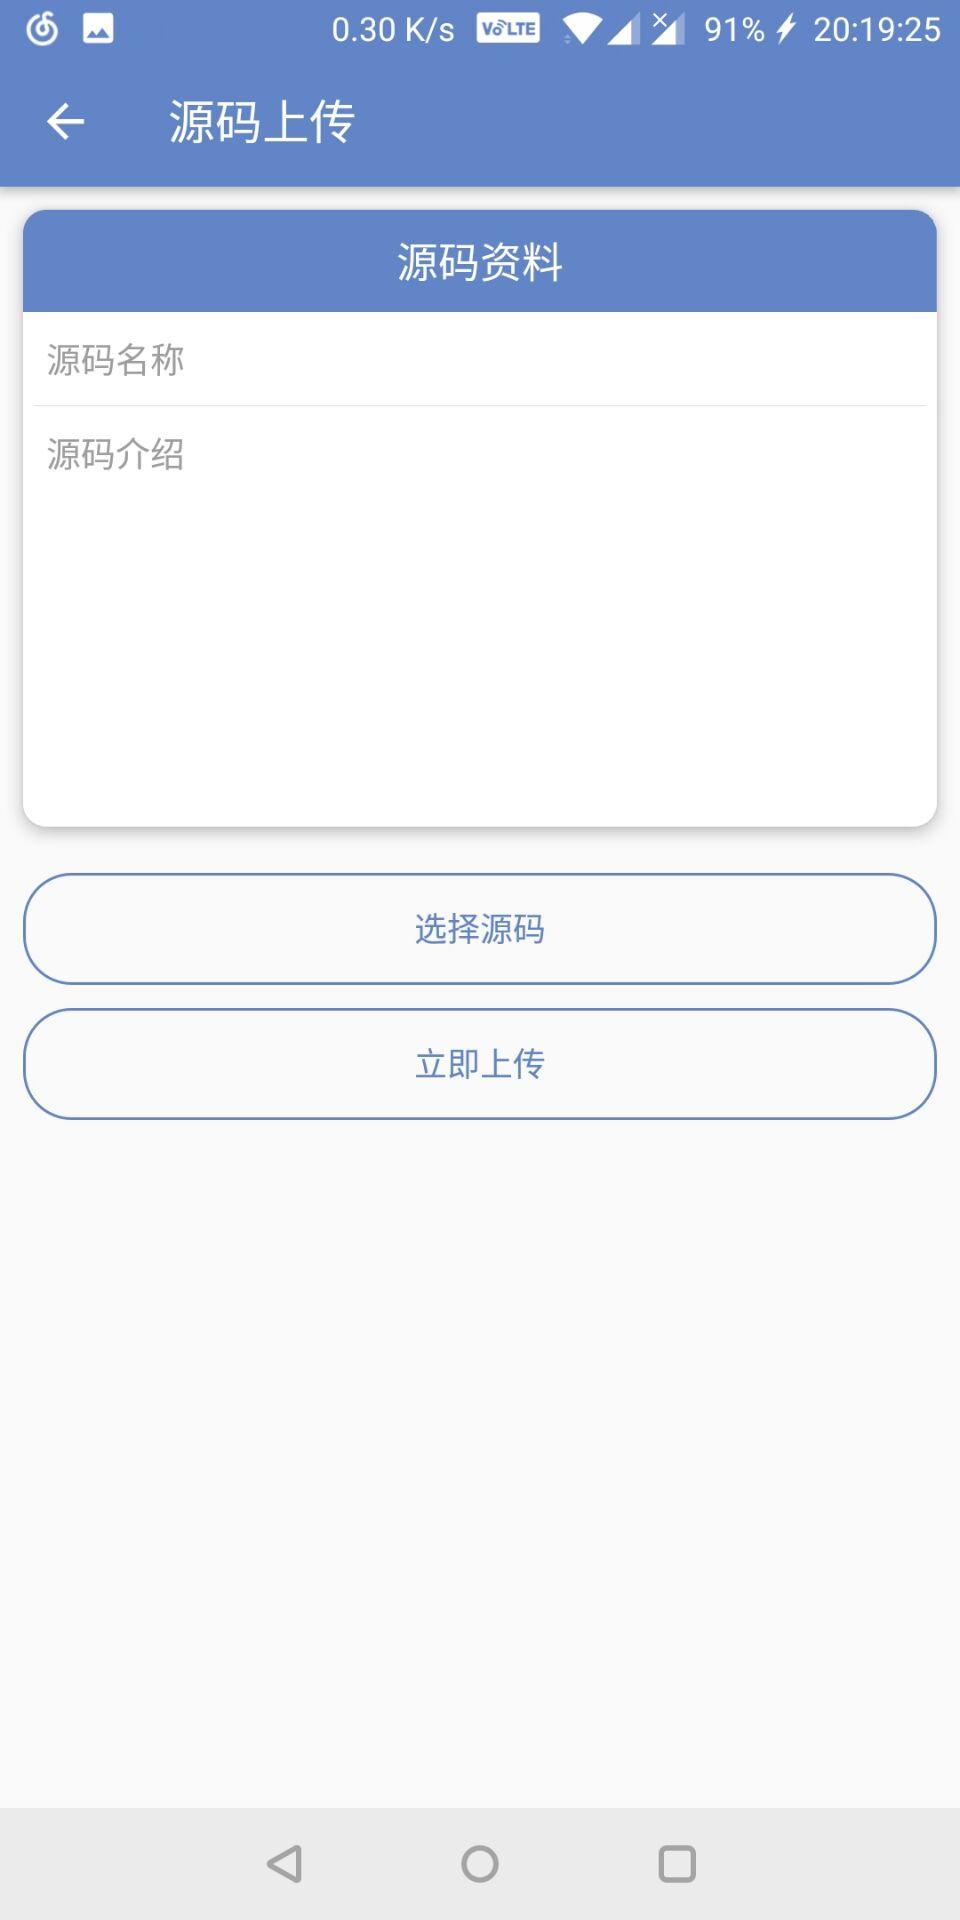 【资源分享】代码笔记-爱小助